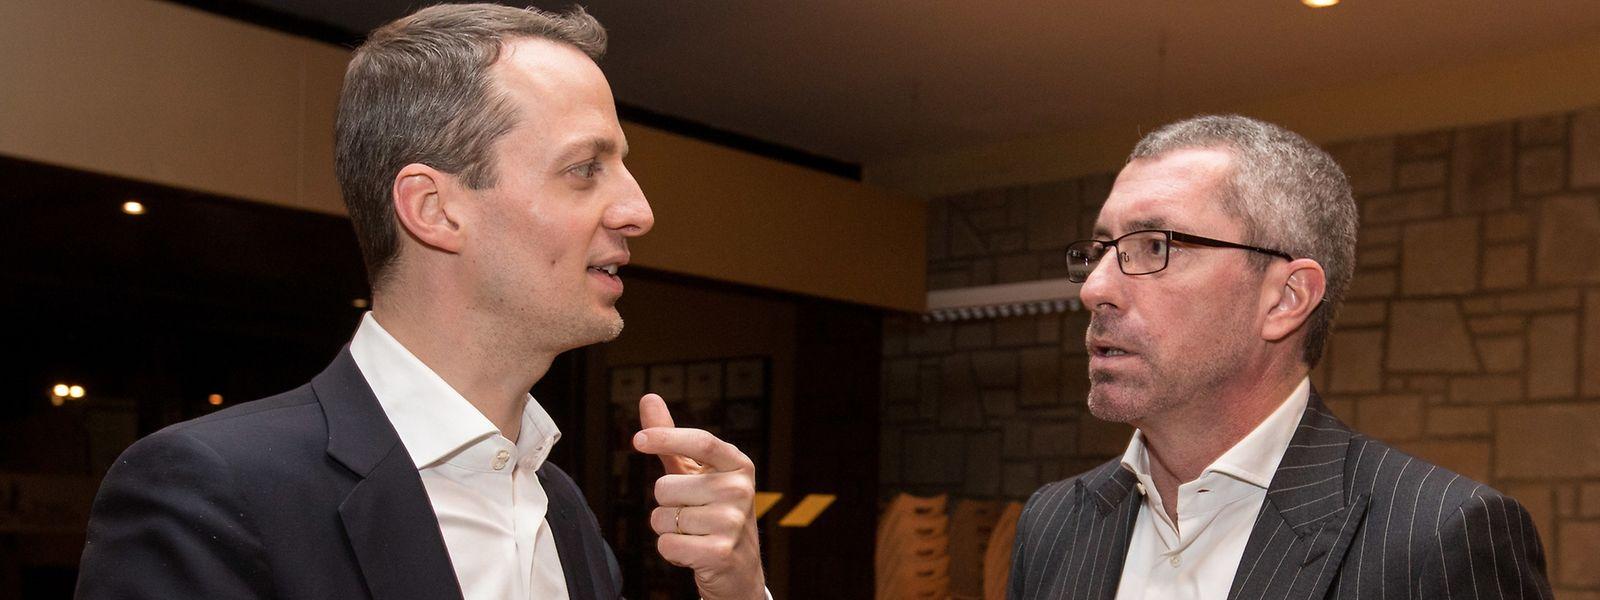 Zwei Kandidaten, ein Ziel: Serge Wilmes (l.) und Frank Engel (r.) wollen CSV-Parteipräsident werden. Eine Kampfabstimmung hat bei der CSV Seltenheitswert.